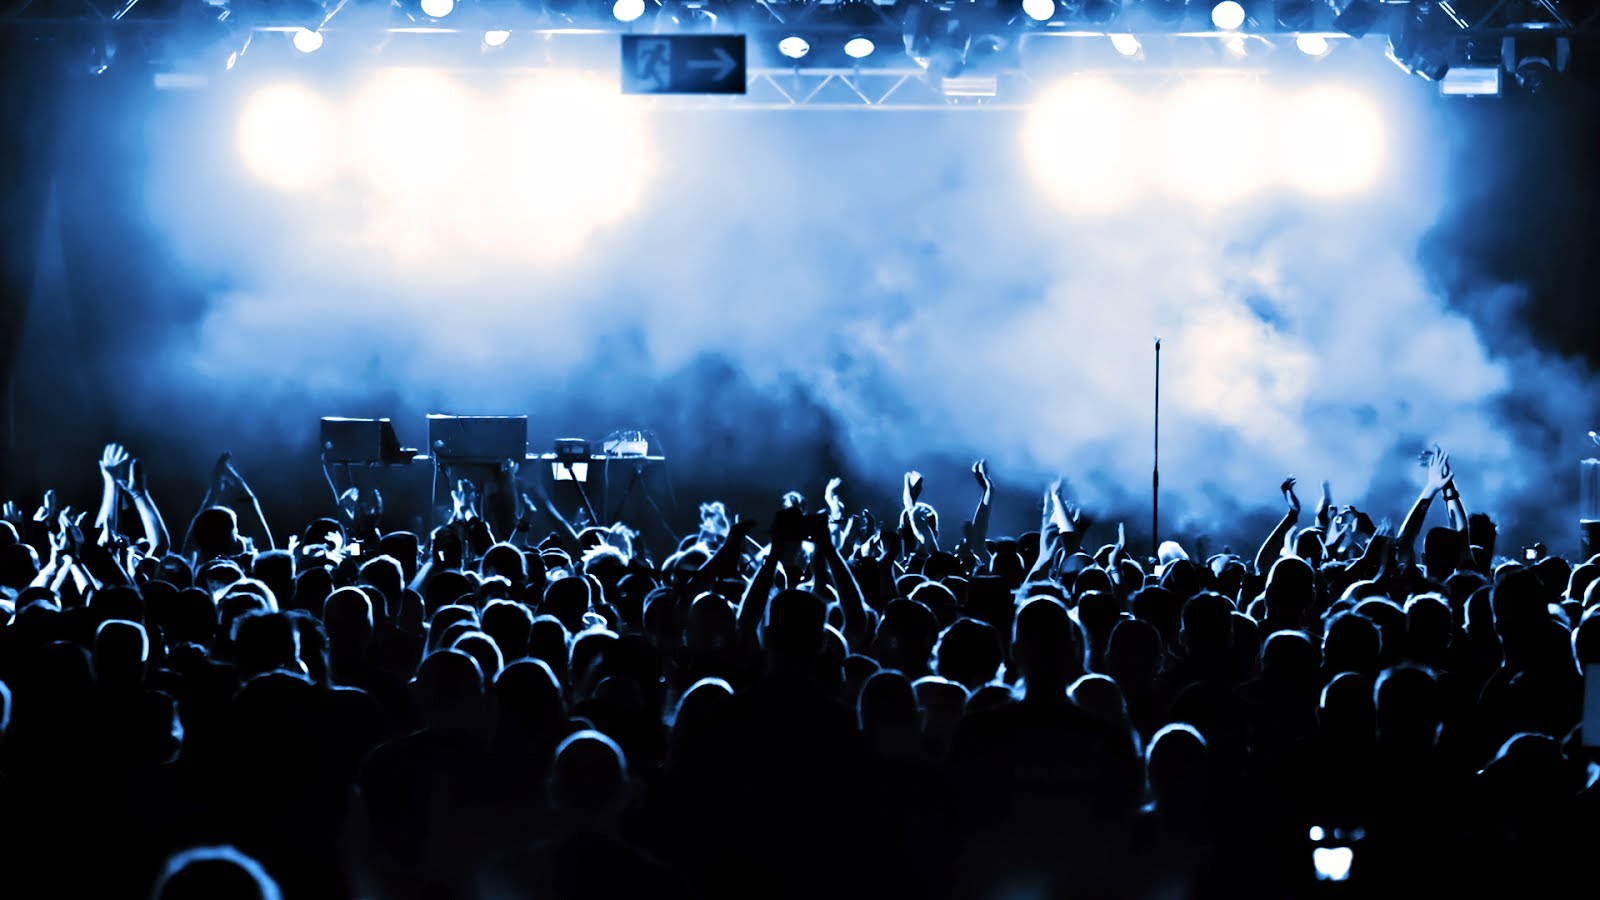 que hace posible un concierto